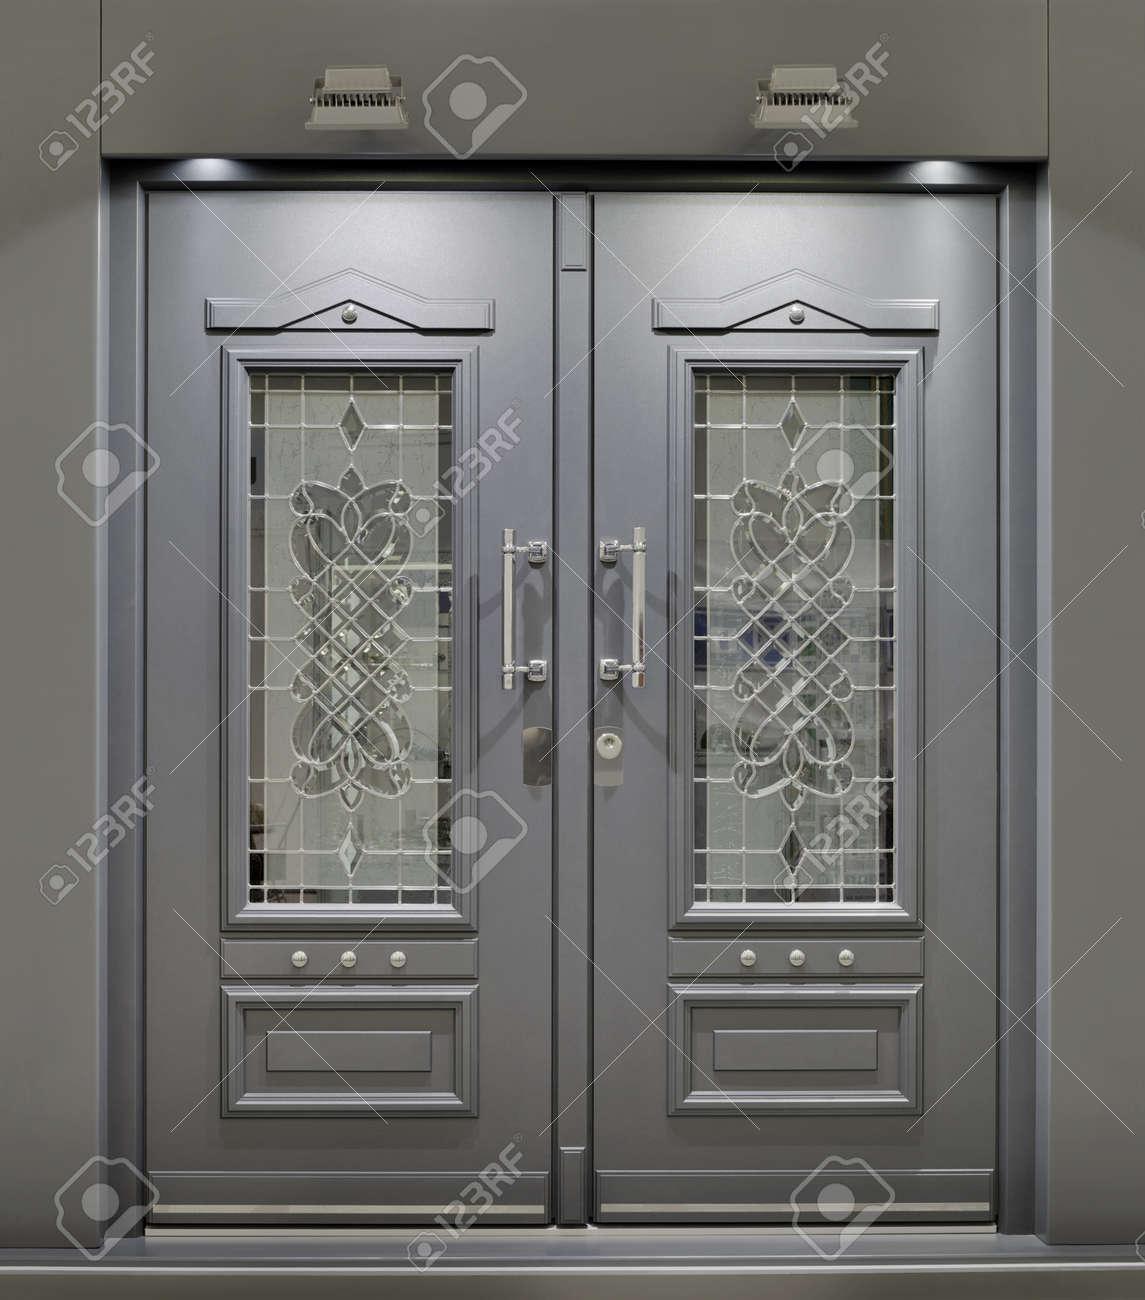 Massive Metallic Fireproof Front Door Standard-Bild - 13778479